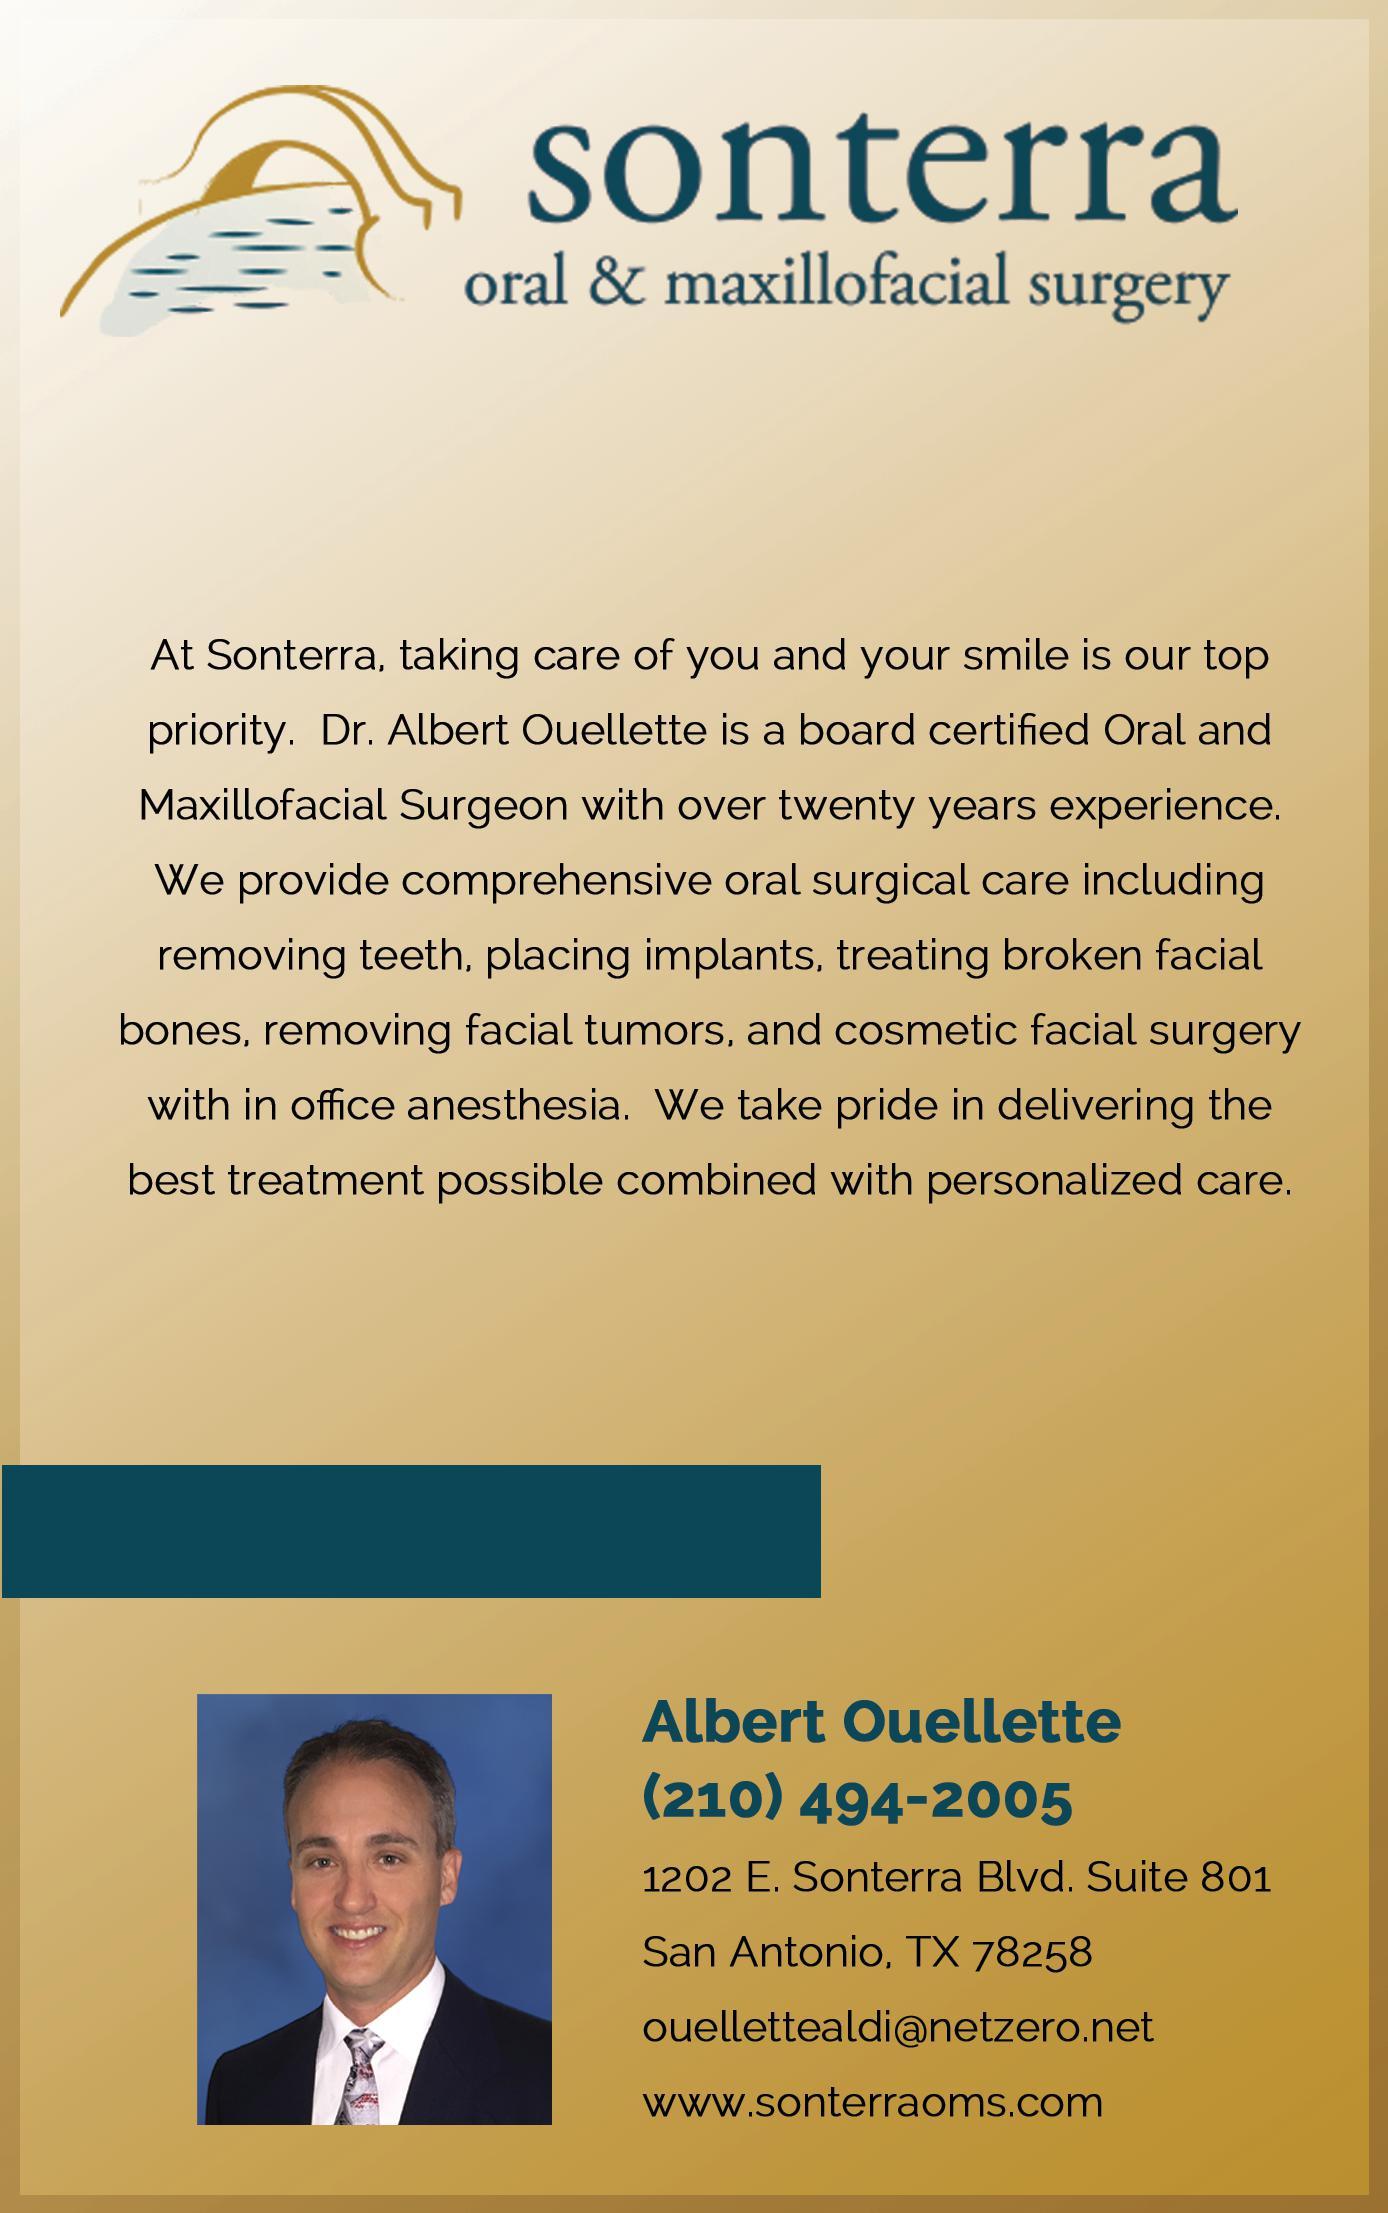 Sonterra Oral & Maxillofacial Surgery